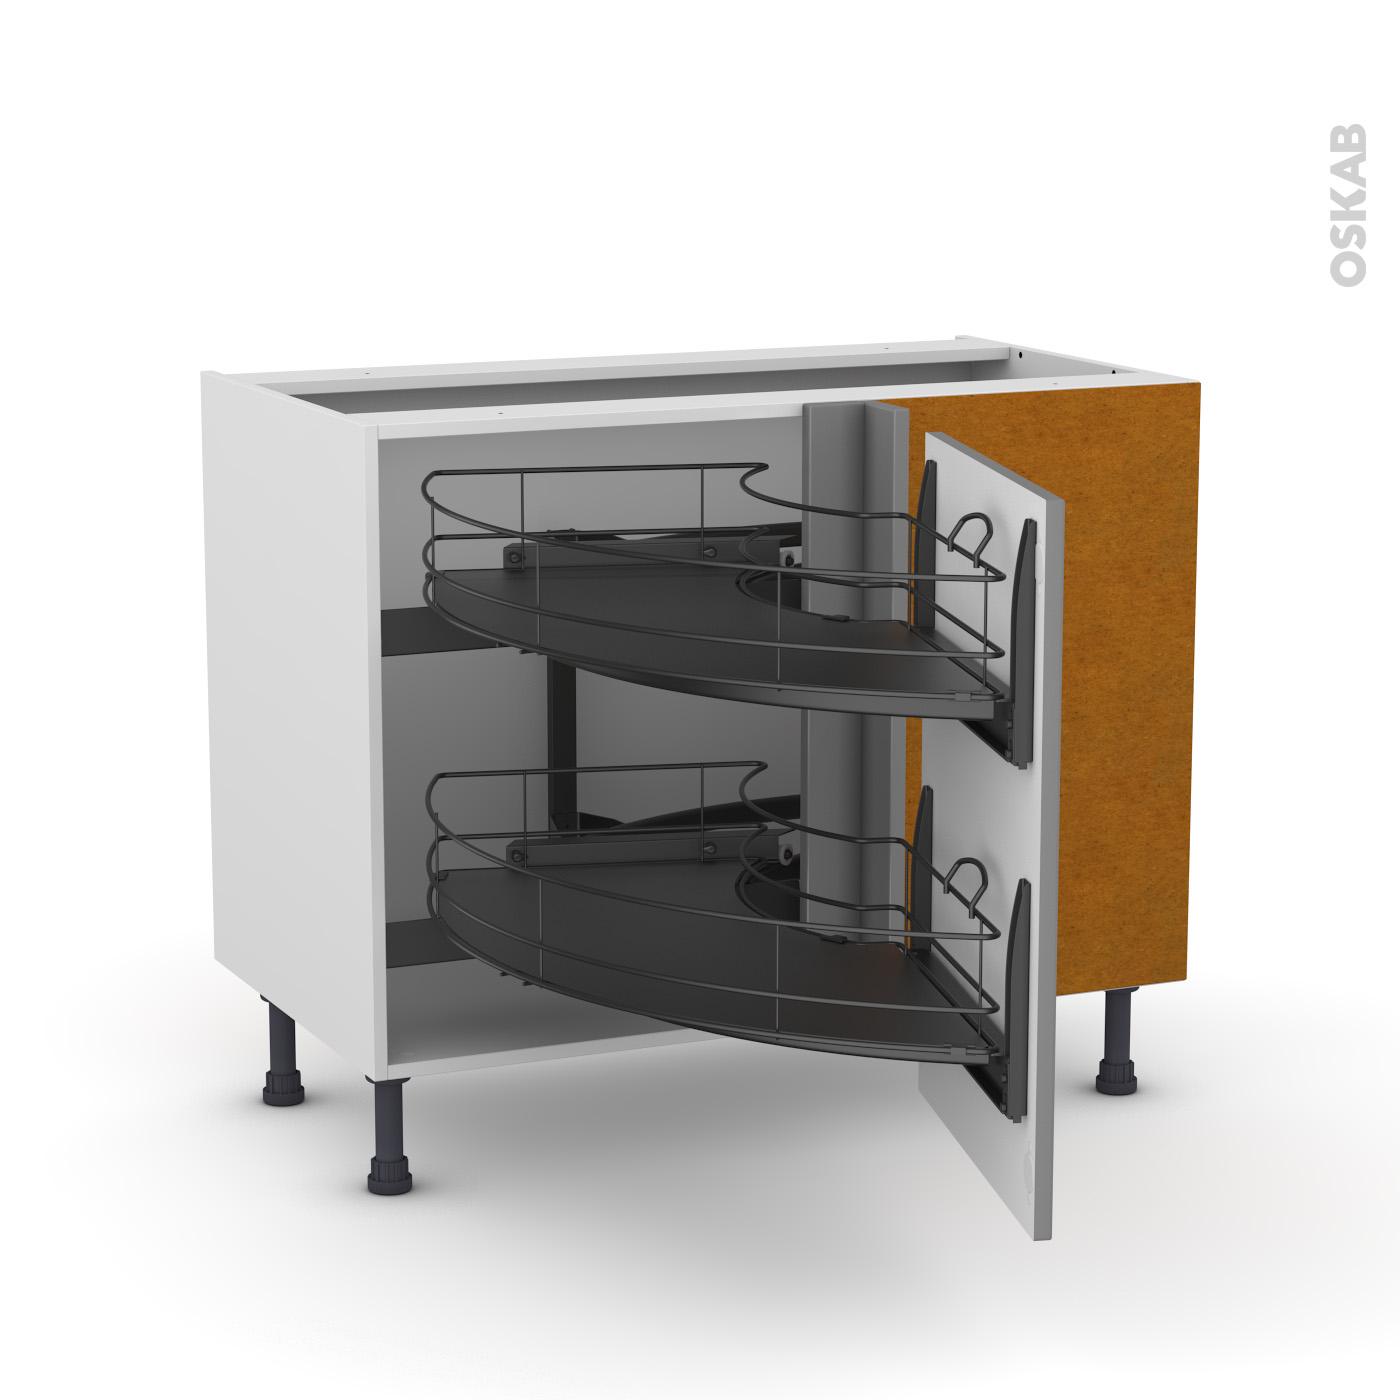 Plan De Travail Coulissant meuble de cuisine angle bas filipen gris, demi lune coulissant epoxy,  tirant droit 1 porte l50 cm, l100 x h70 x p58 cm